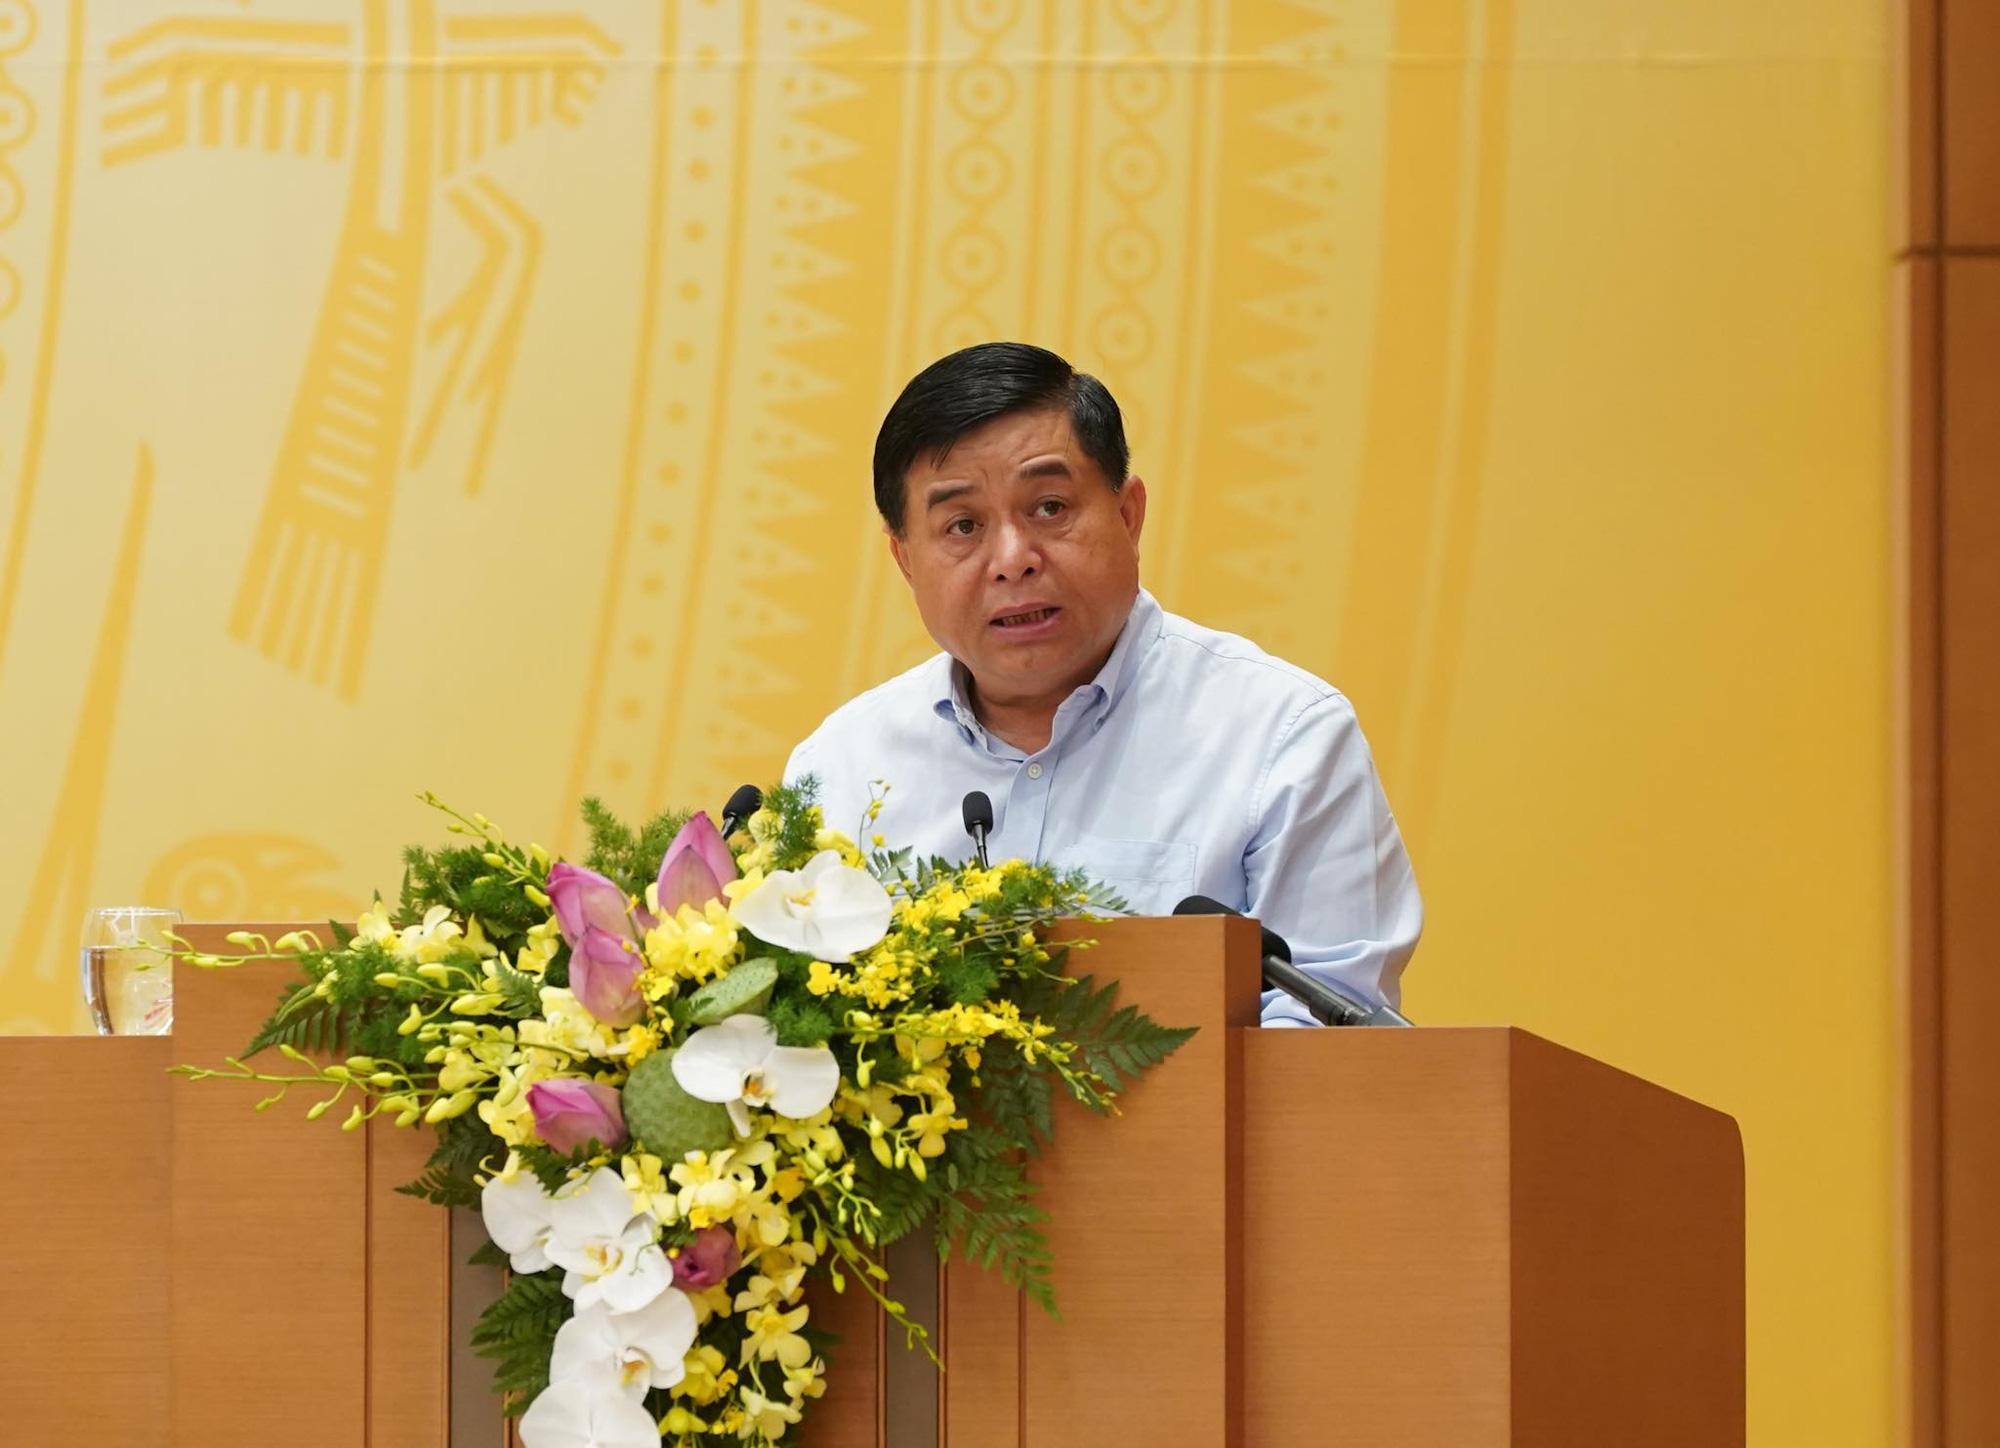 """Bộ trưởng Nguyễn Chí Dũng: """"Chống suy thoái kinh tế như chống giặc"""" - Ảnh 1."""